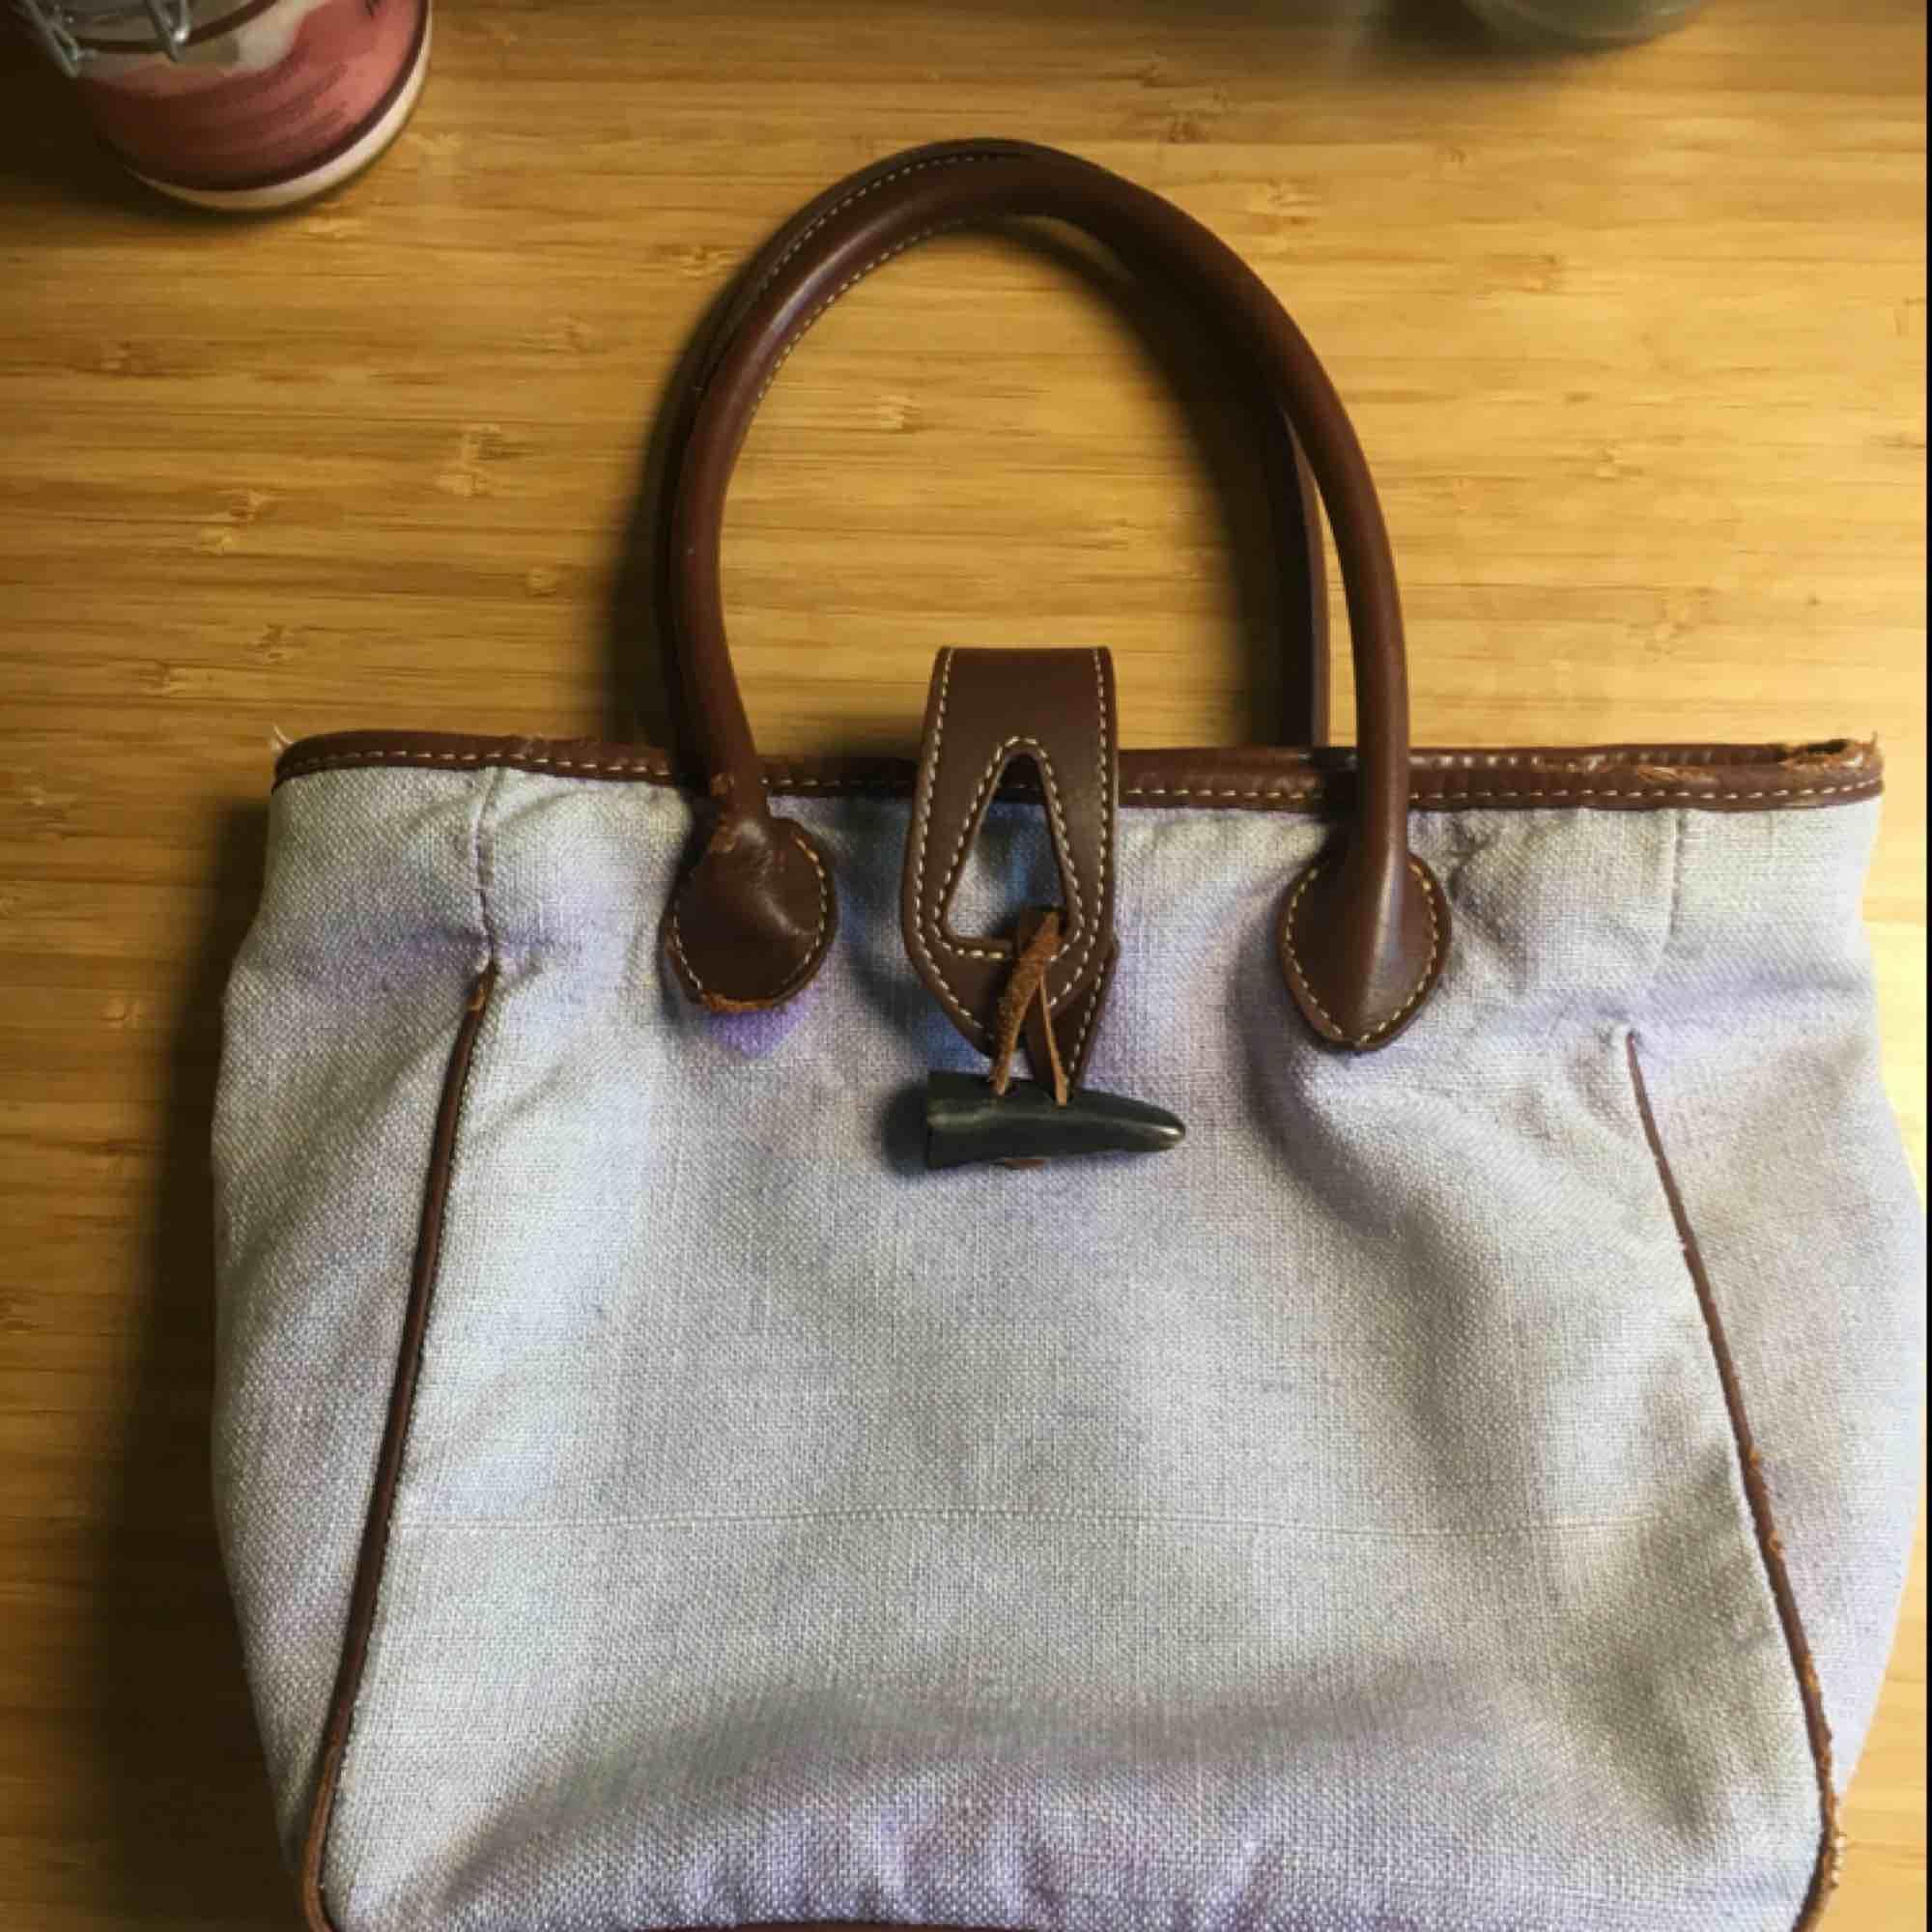 En väska som inte kommit till användning har hål kolla bild 1 och 3 . Väskor.